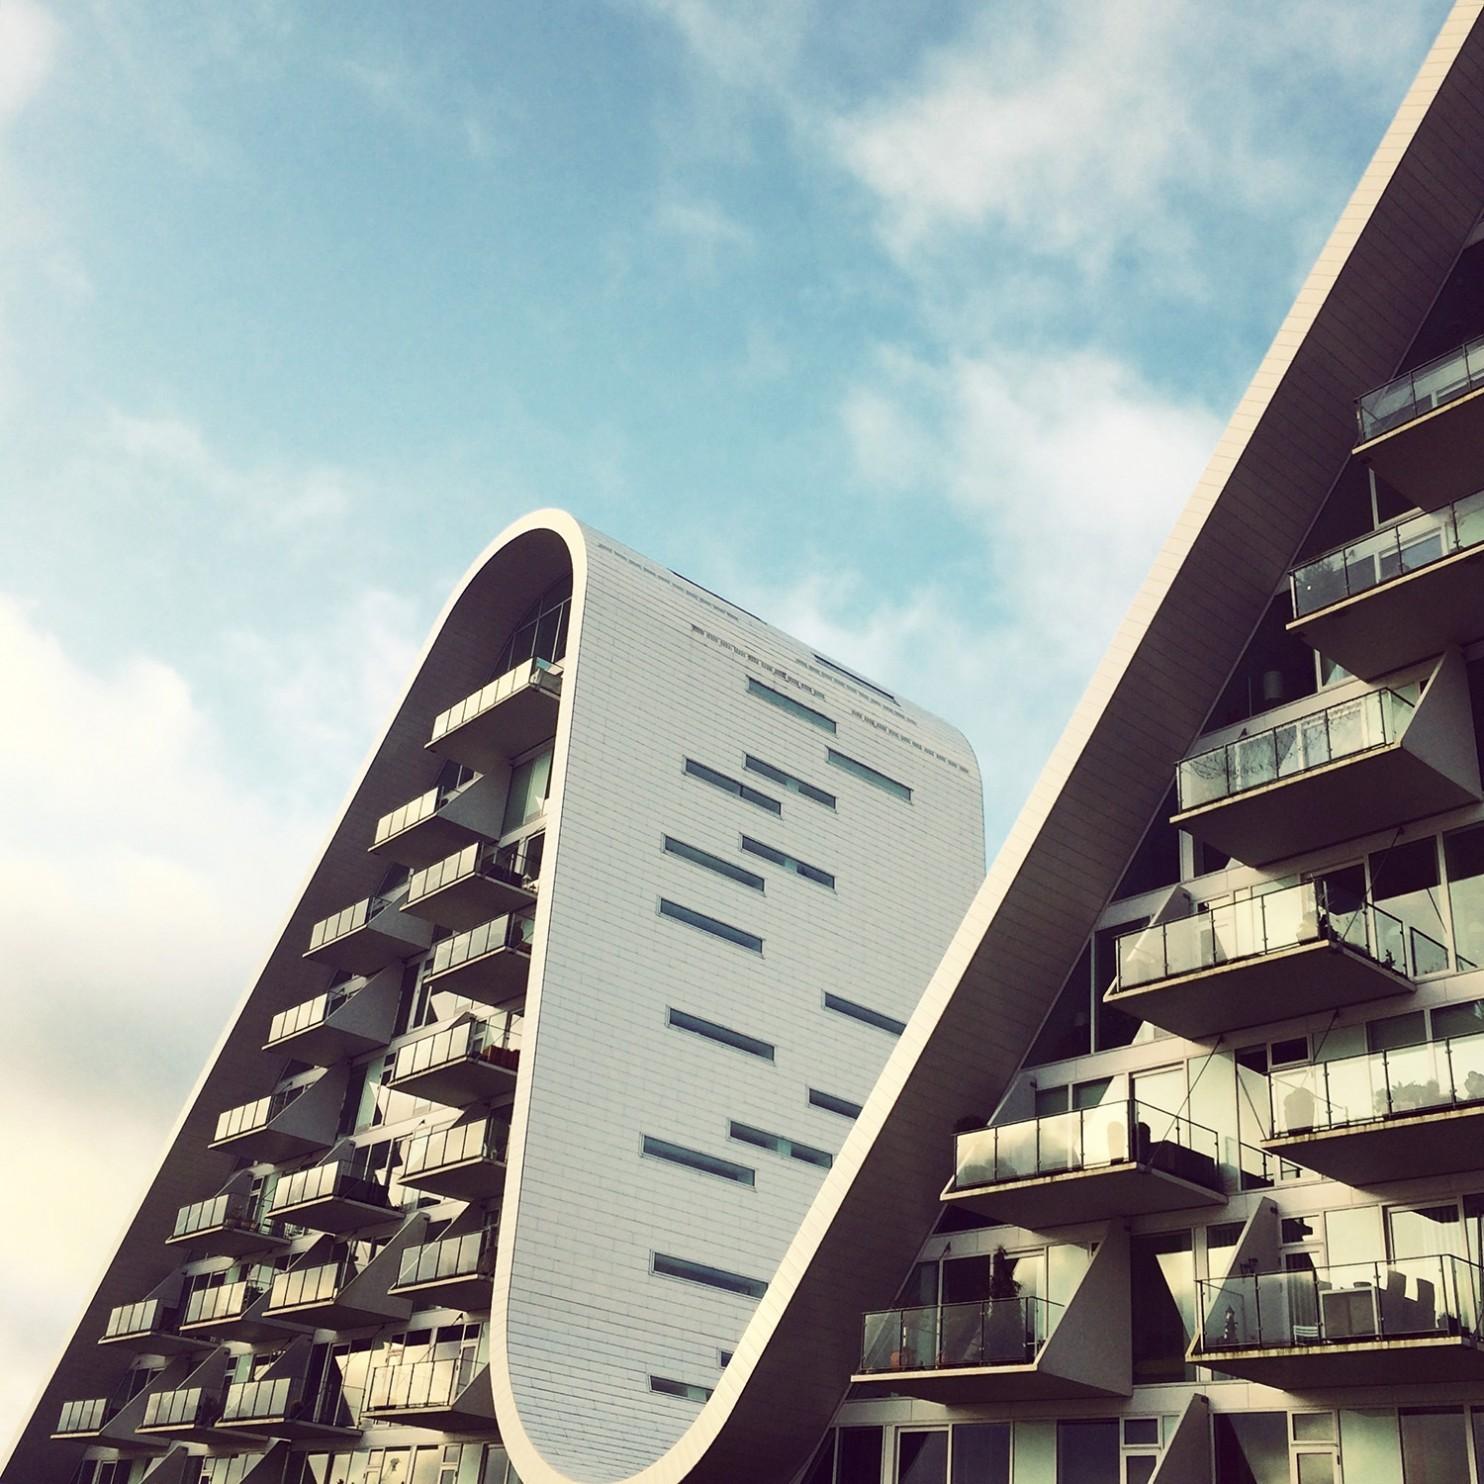 Miracoli dell architettura moderna stile di vita for L architettura moderna